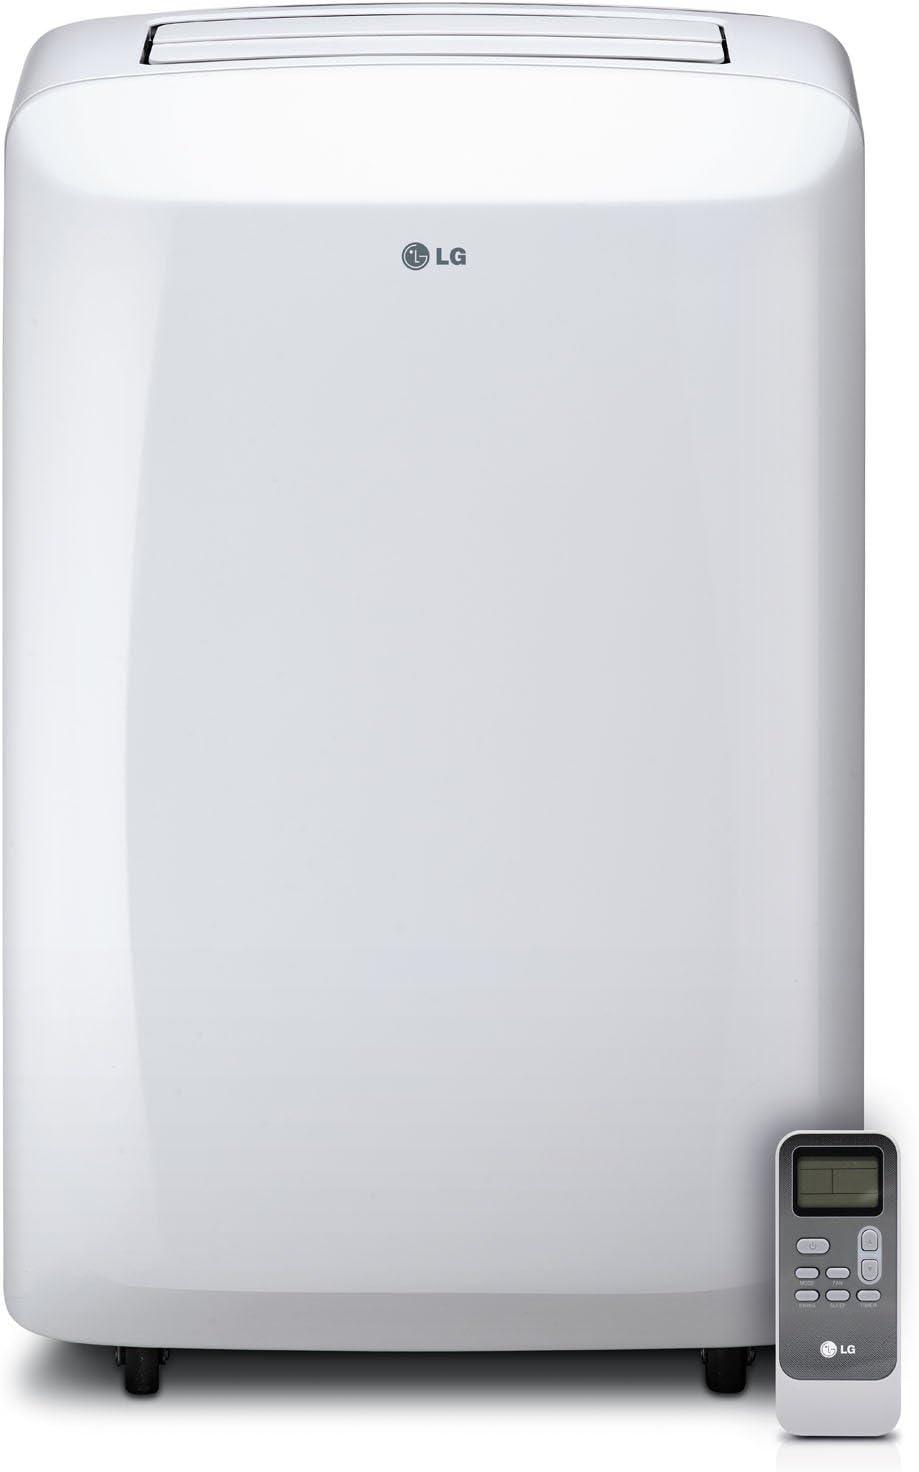 LG 10 000 BTU 115 V Portable Air Conditioner